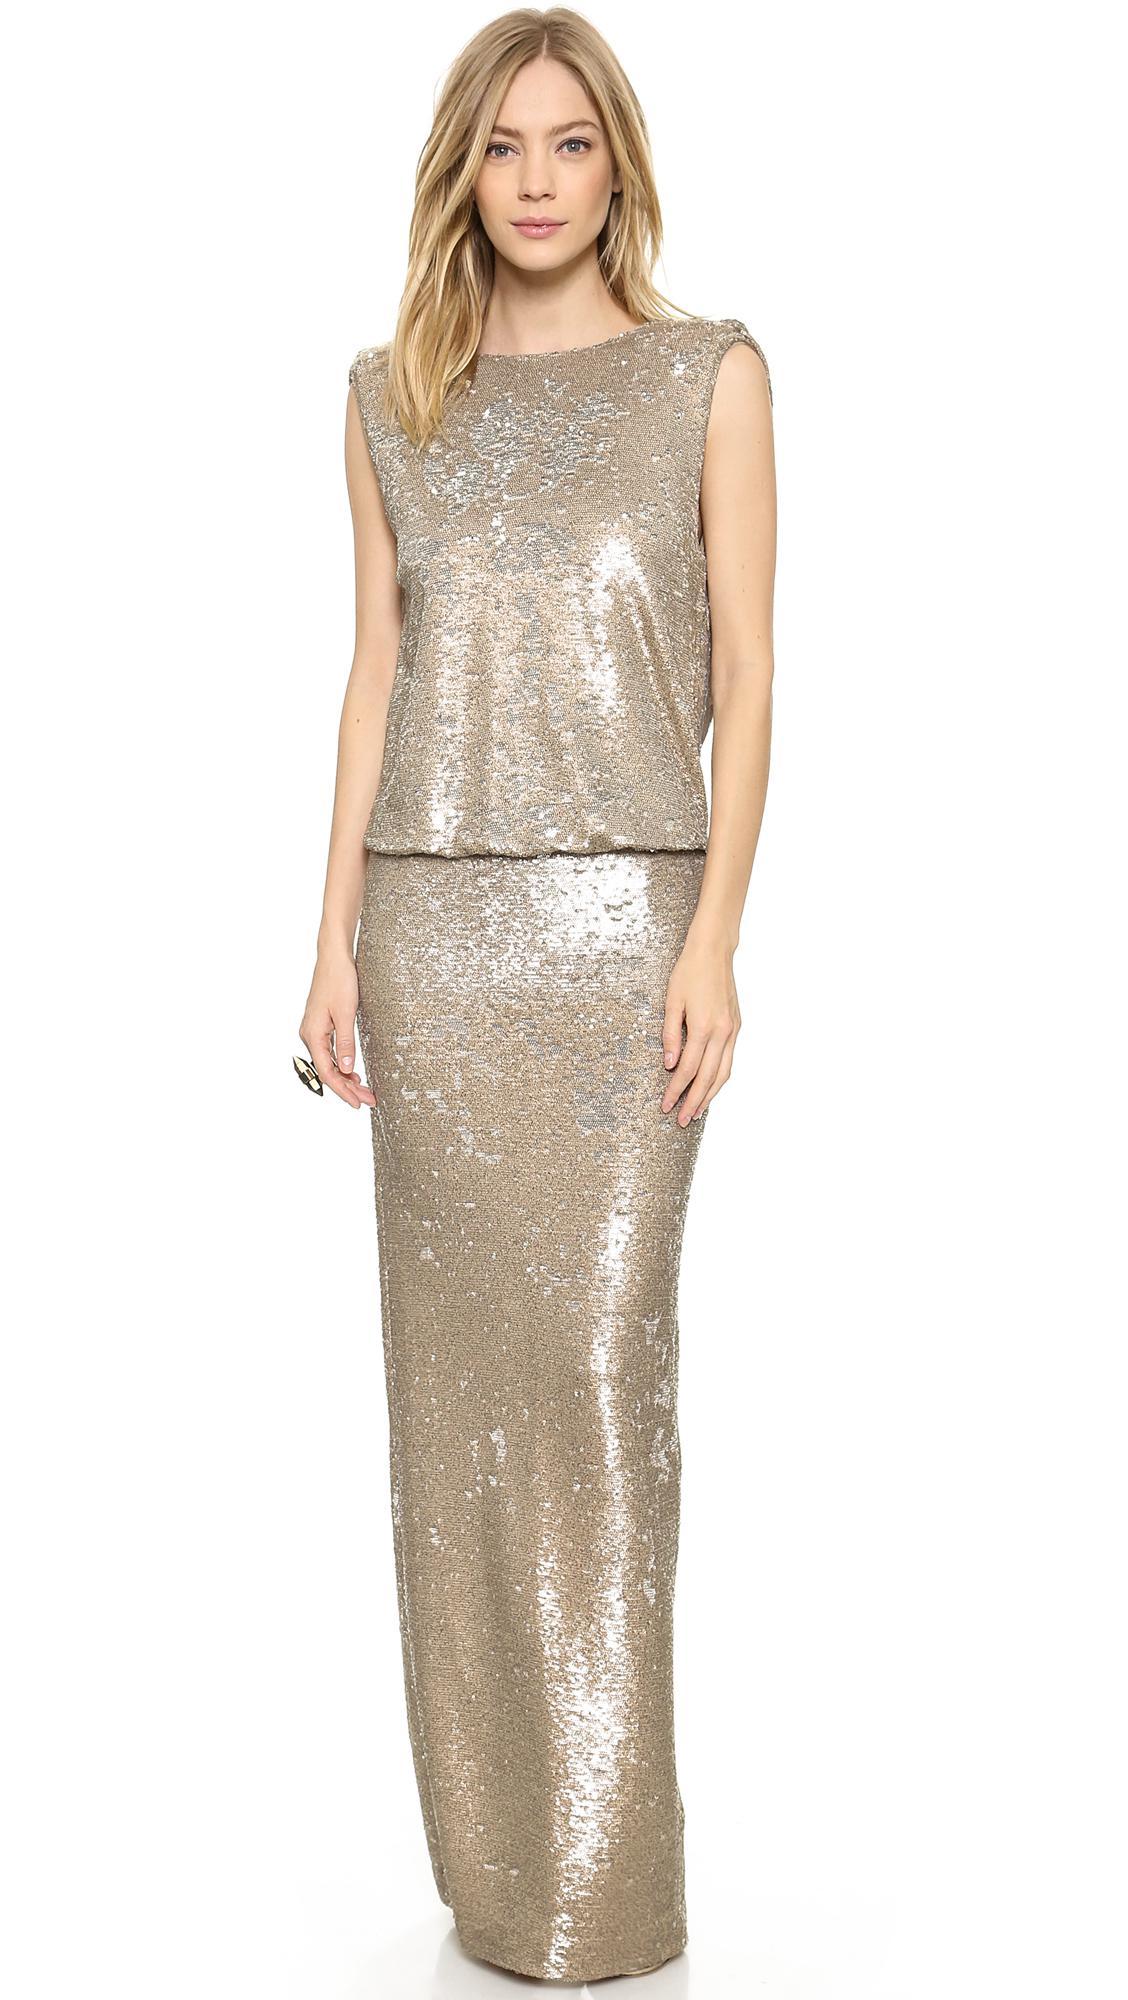 9c347b05f2cbc Rachel Zoe Colette Sequin Gown in Metallic - Lyst